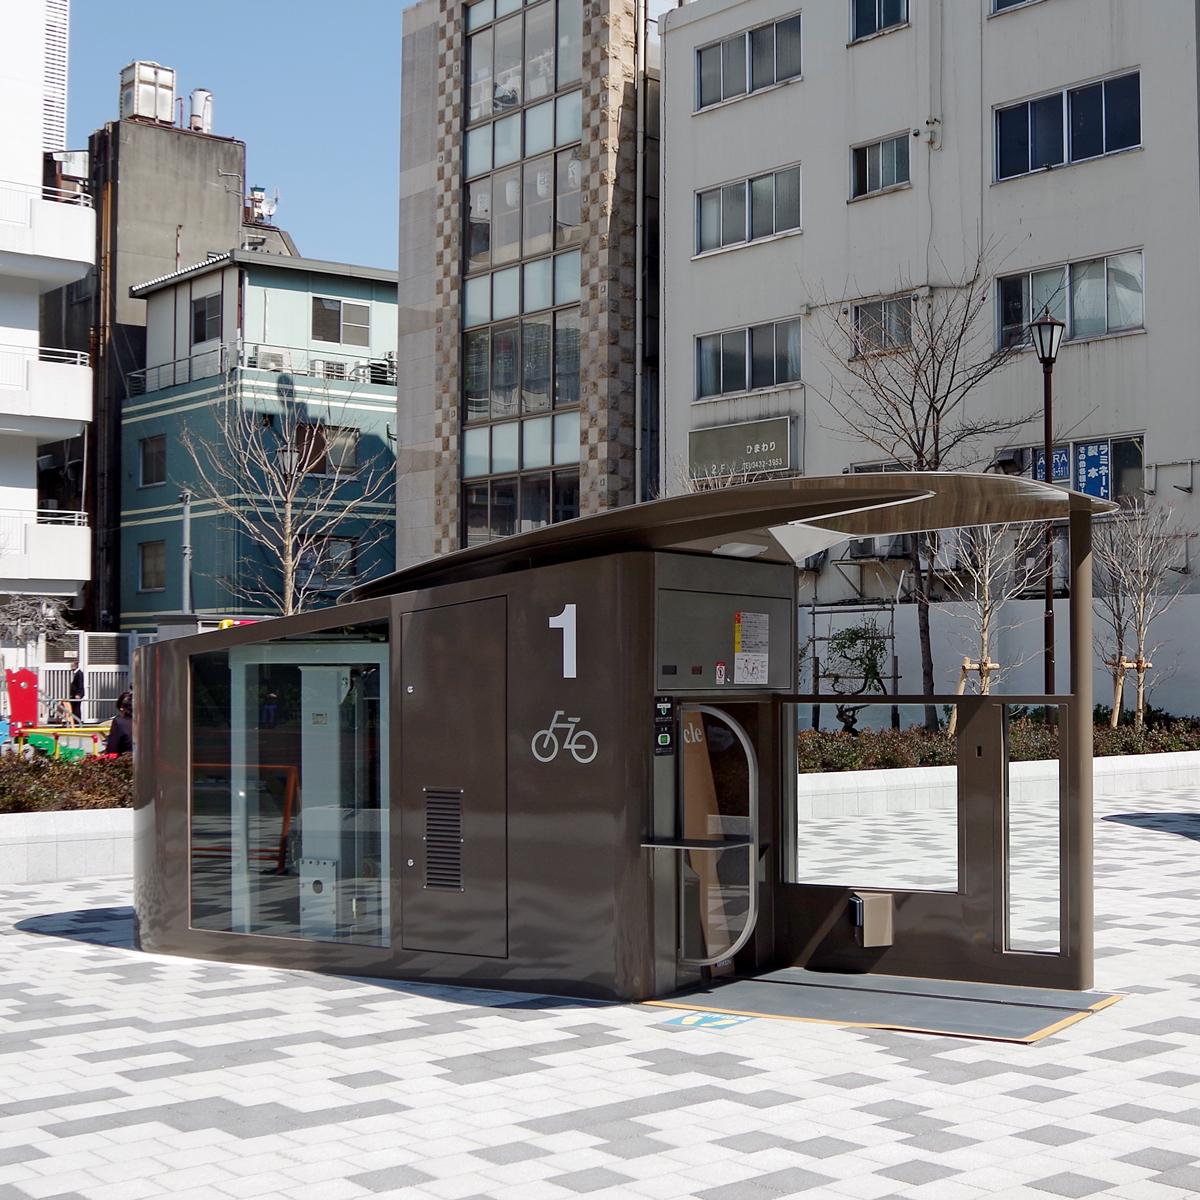 東京都港区新橋に「エコサイクル」2基がオープン